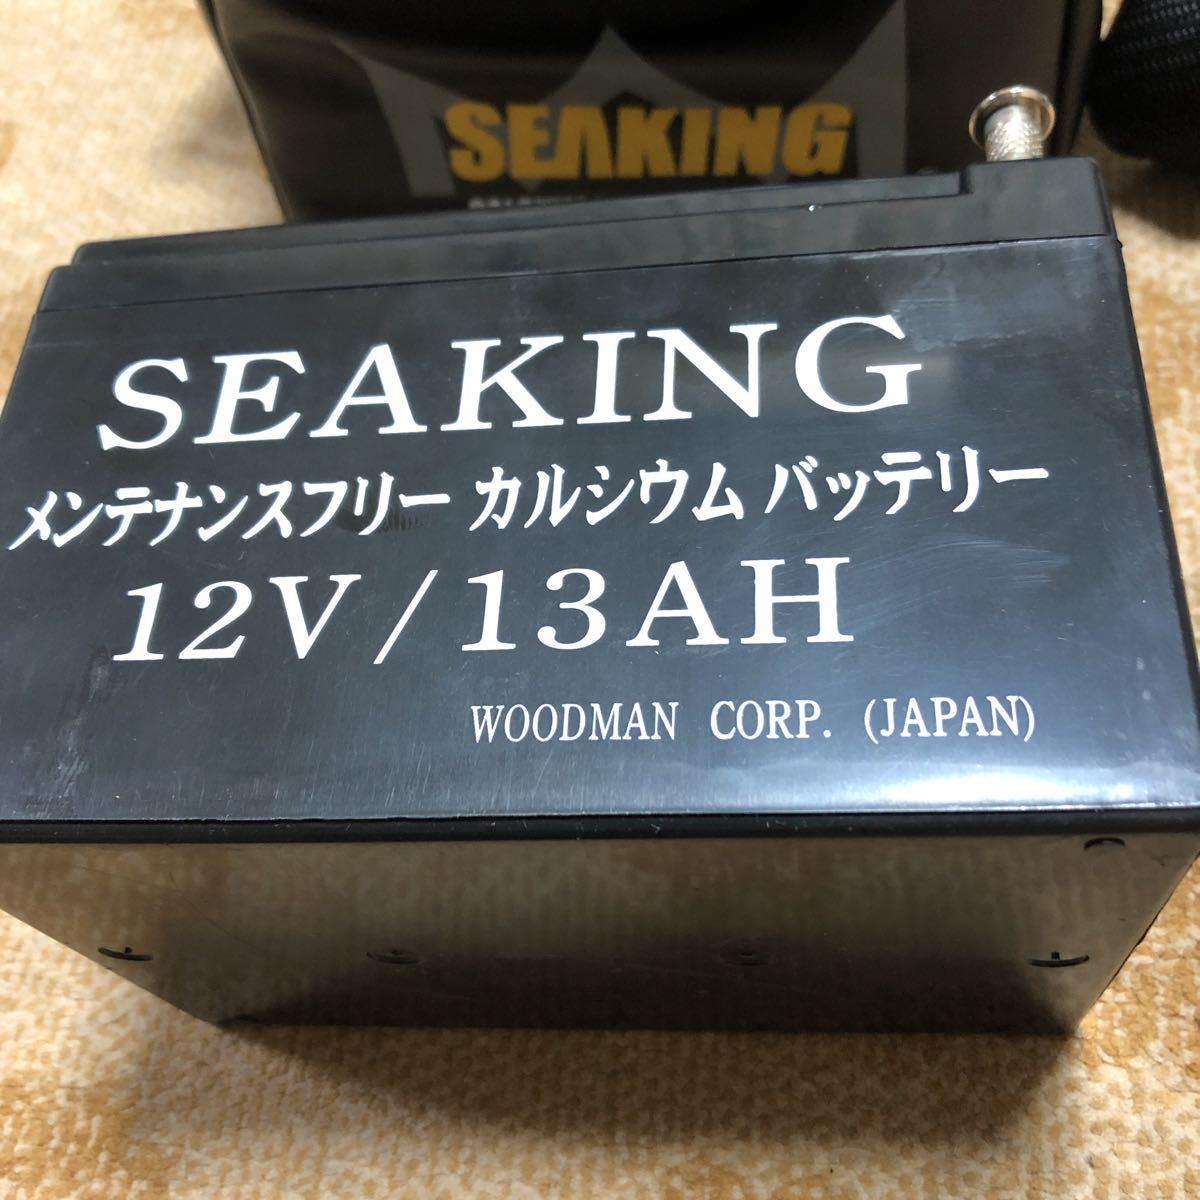 シーキング メンテナンスフリー 電動リール用バッテリー SEAKING 電動リール 魚探 12V/13AH(船釣り、電動、魚探、電源)_画像3